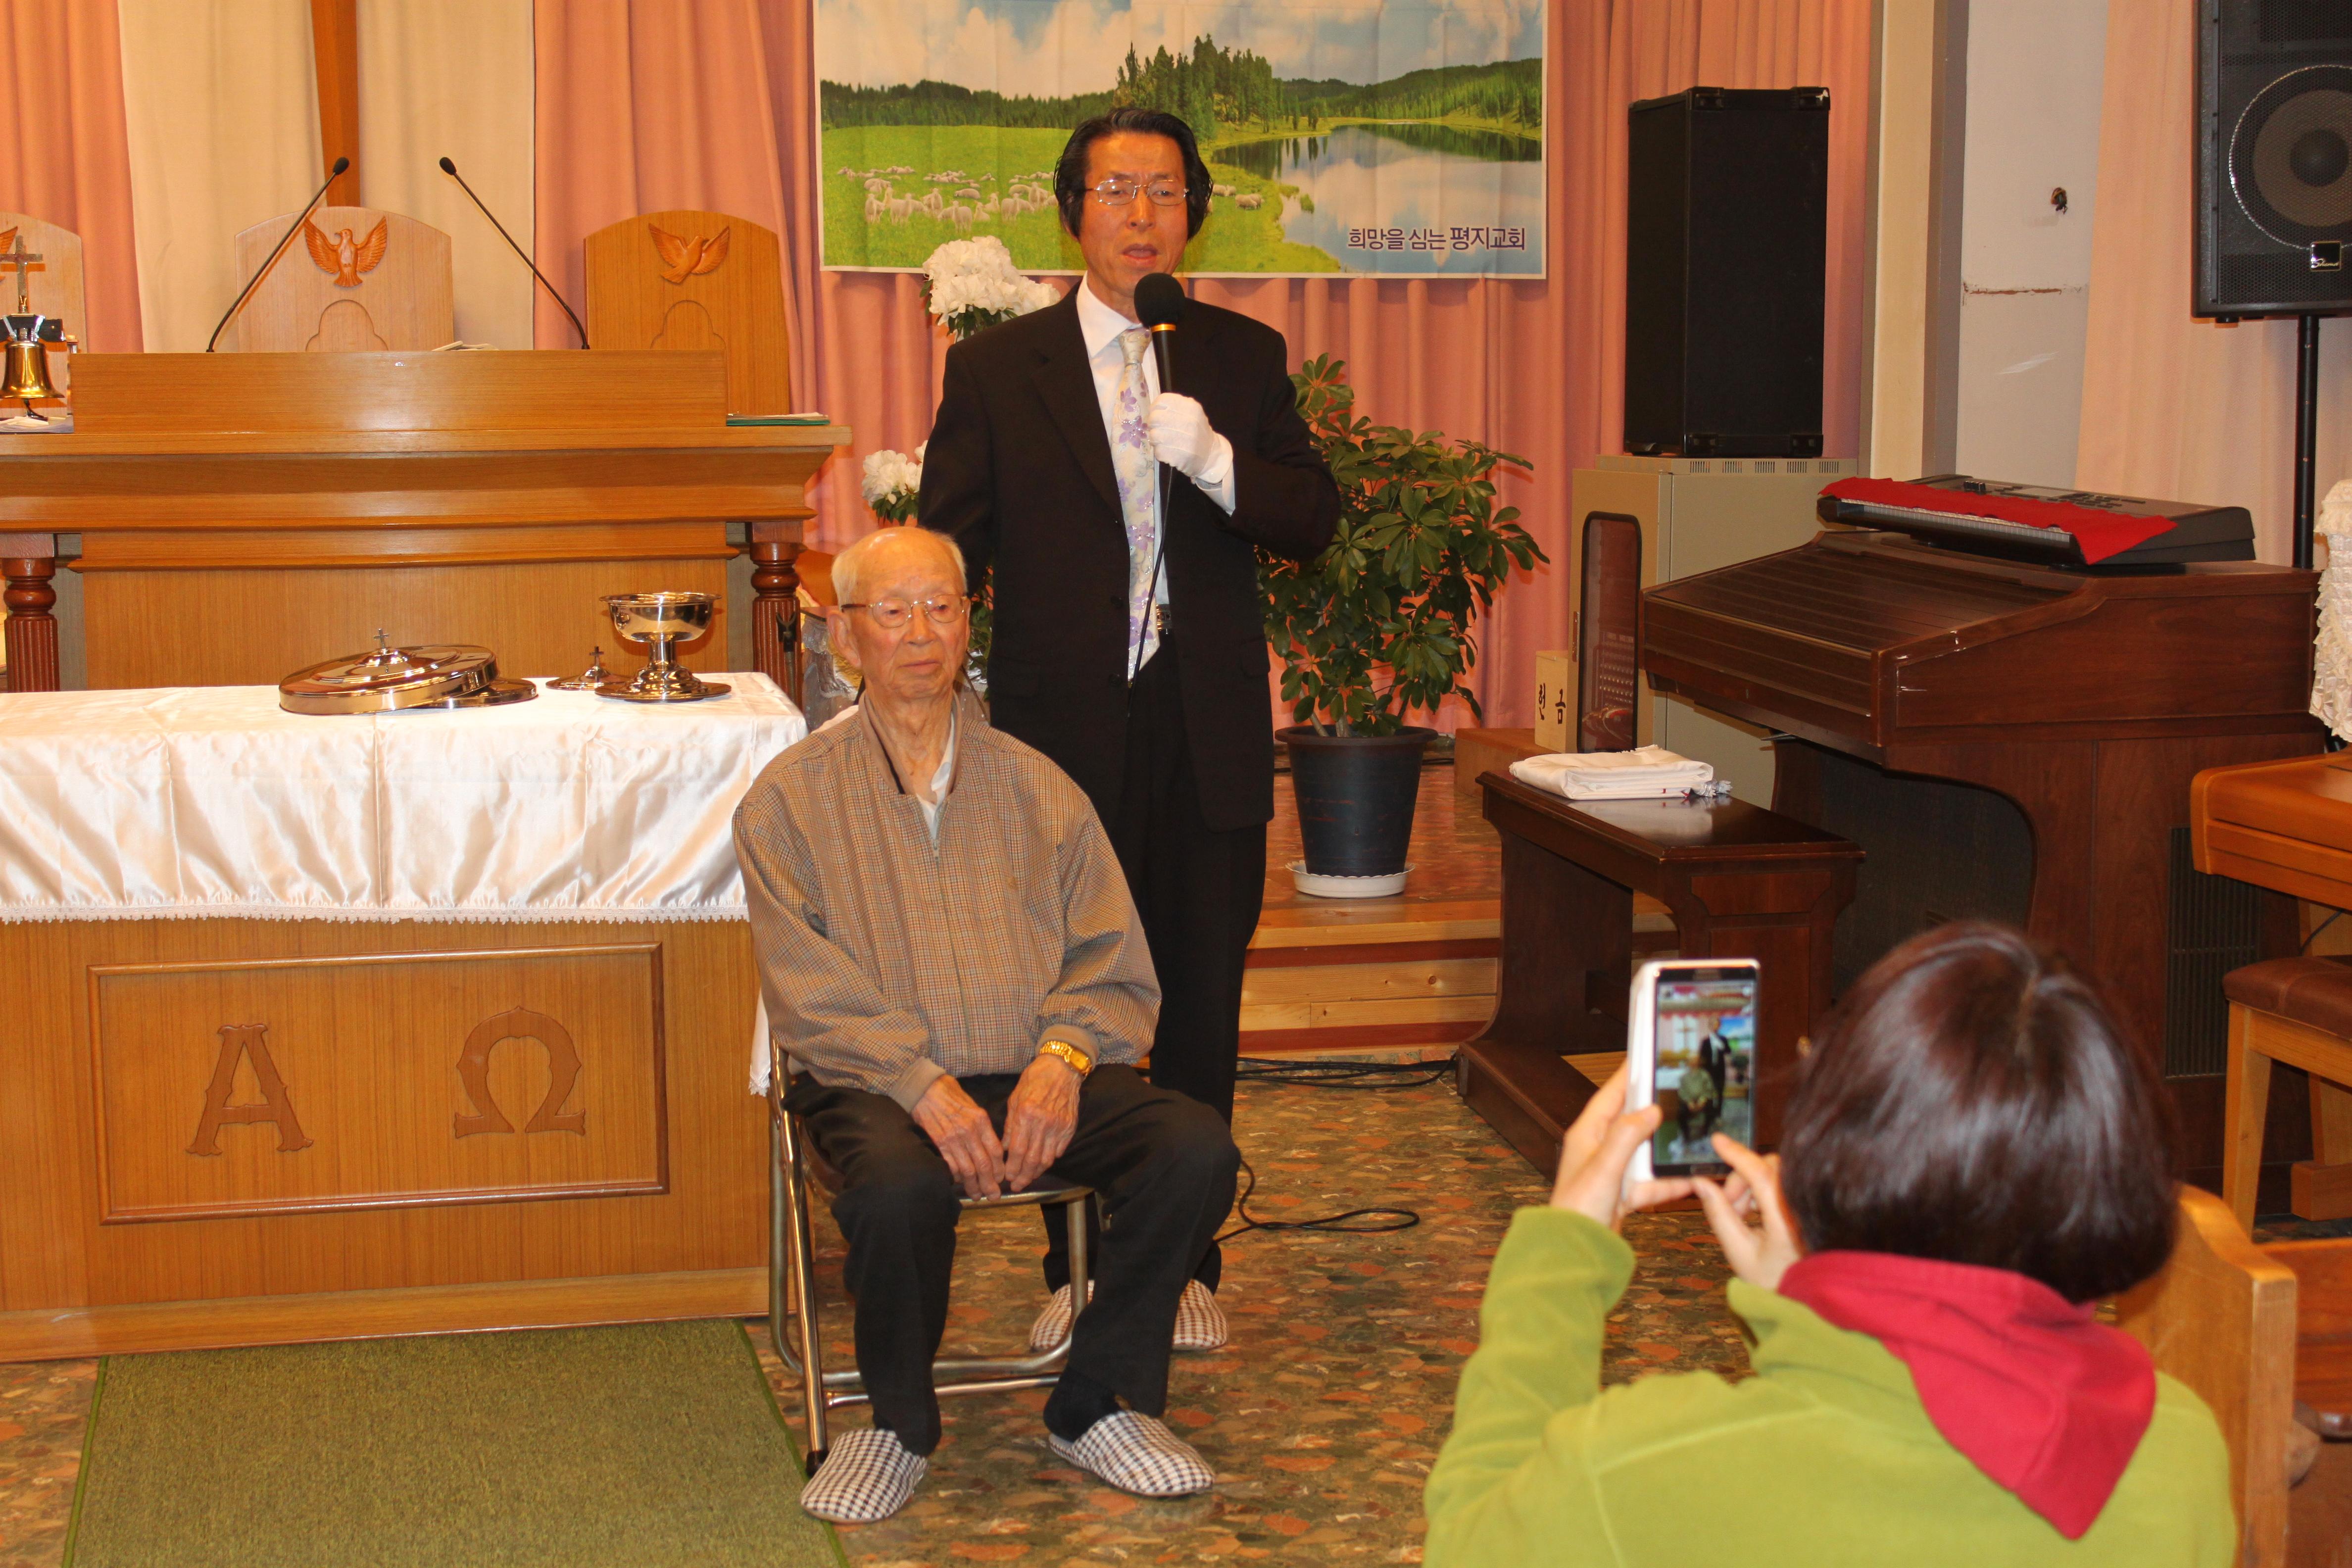 2-2015.04.12. 유재복(93세) 어르신 세례받다.JPG